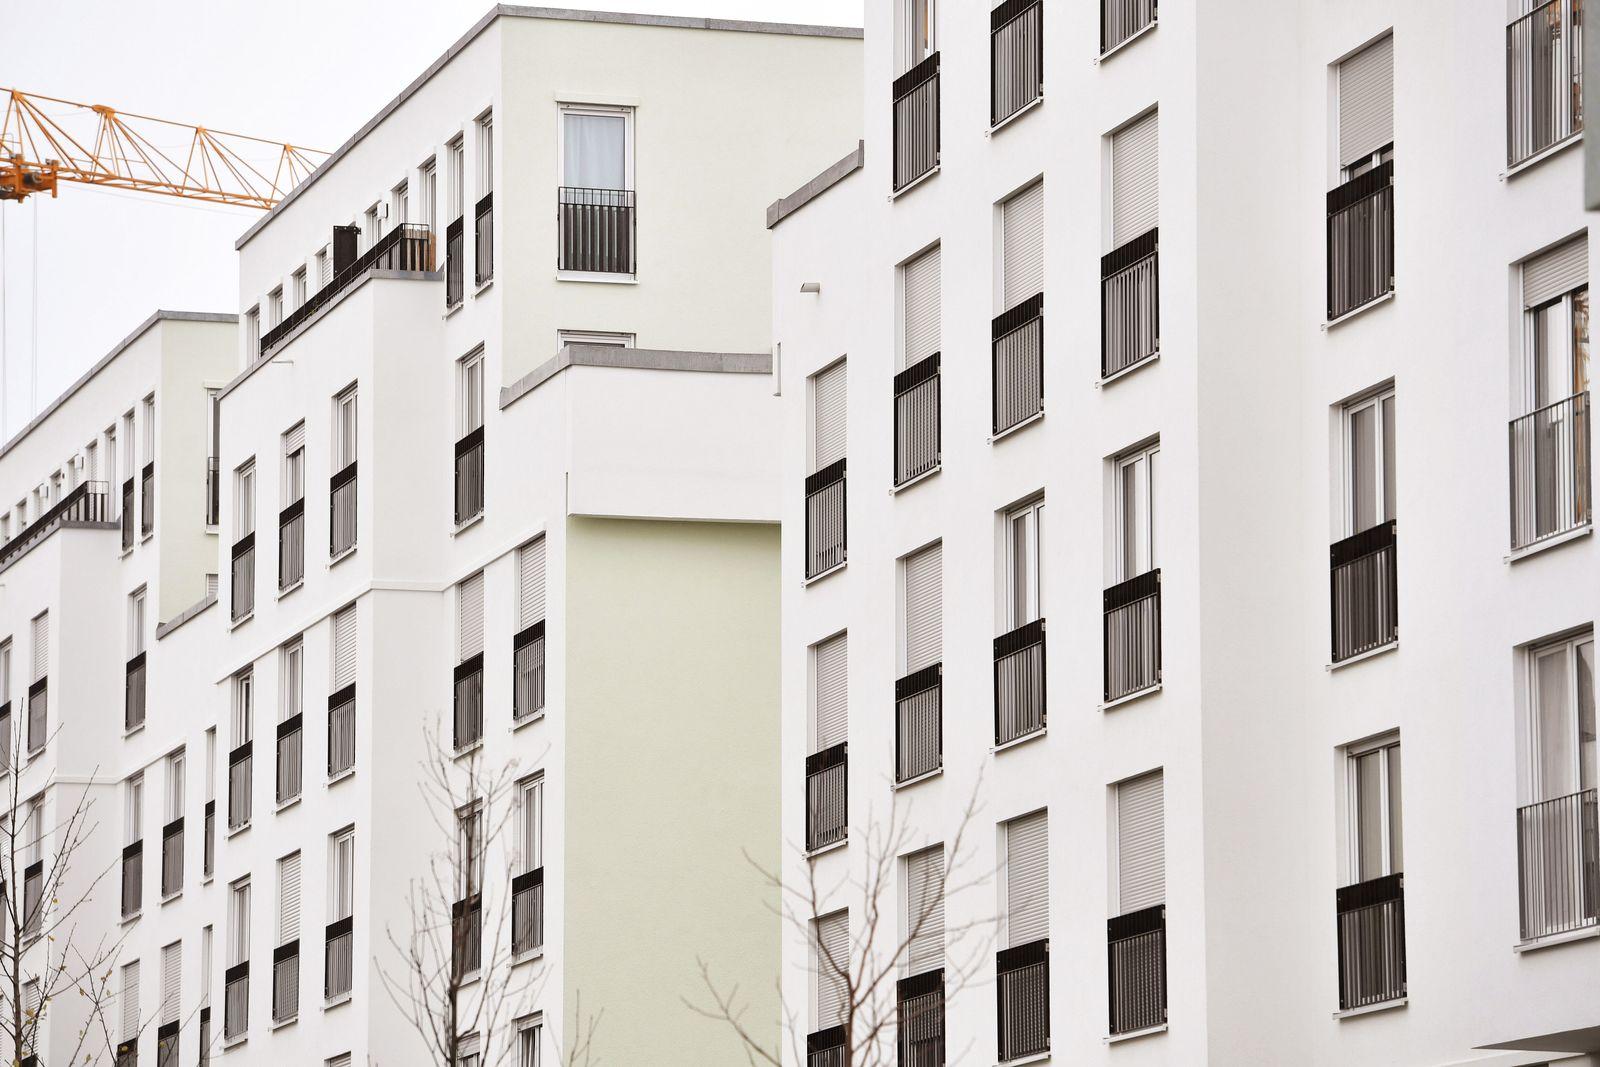 EINMALIGE VERWENDUNG Immobilien / Wohnungen / Wohnung / Eigentumswohnung / Häuser / Immobilienblase